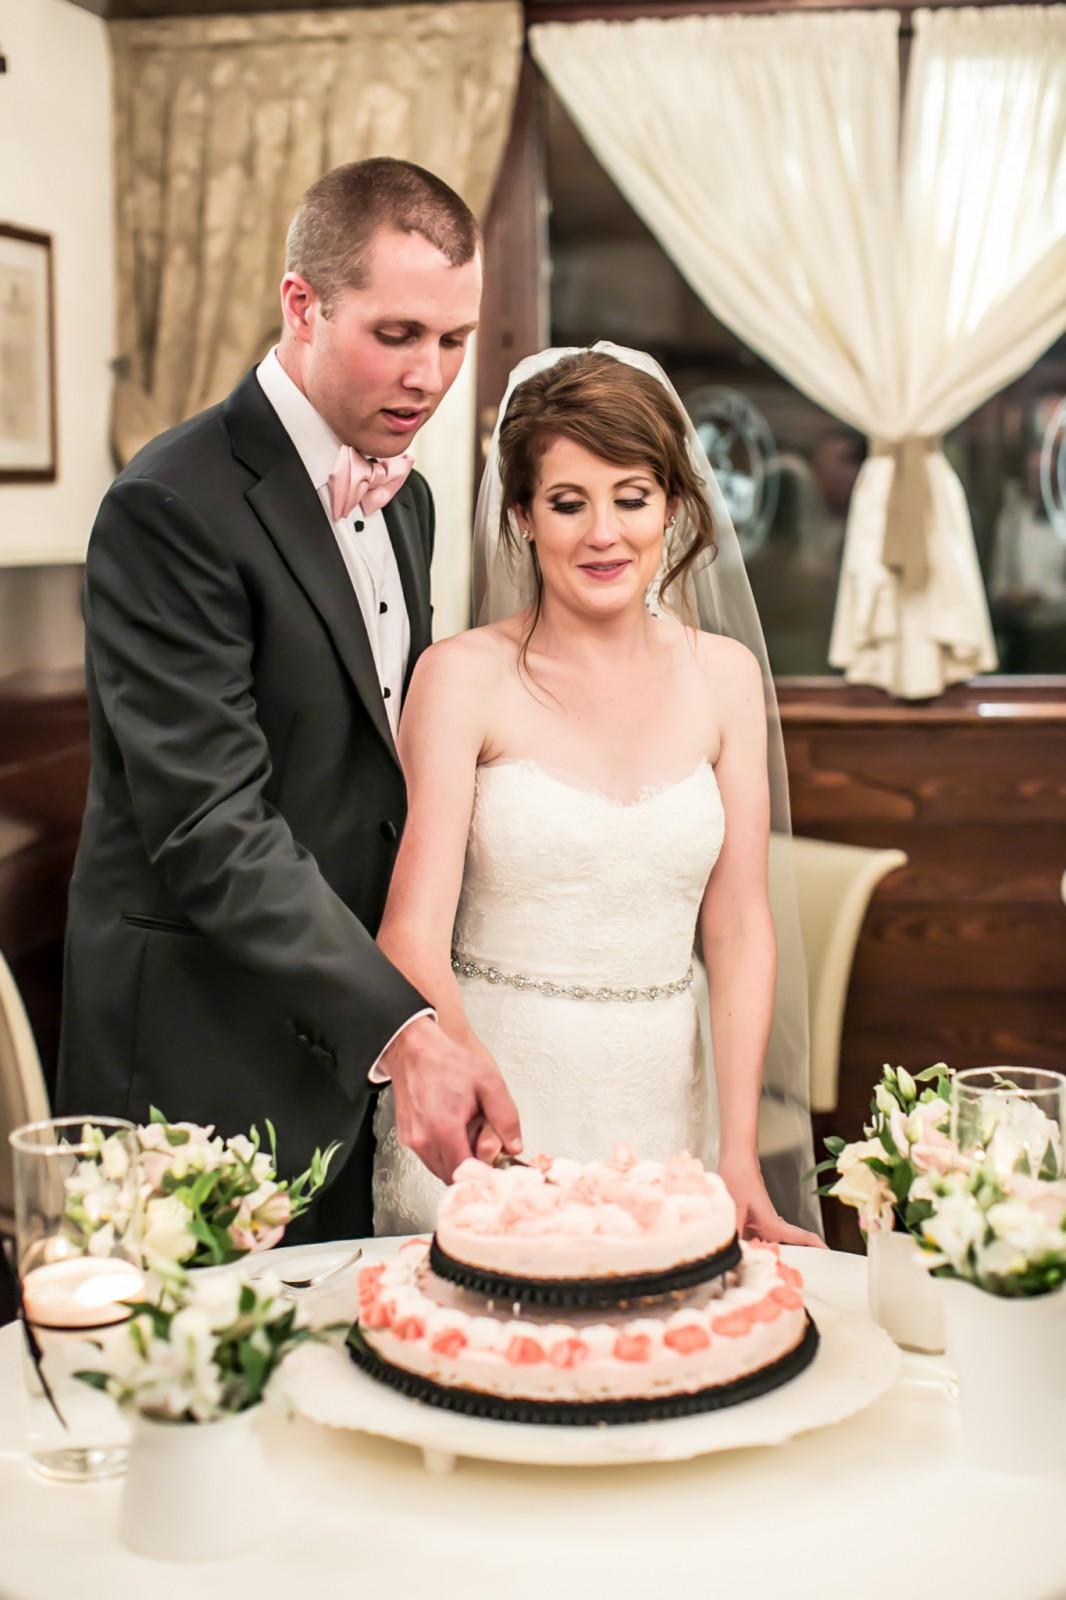 Joshua e Ashley from Boston,23 September 2014 - Jewish wedding in Venice by Michela Zucchini Studio-19